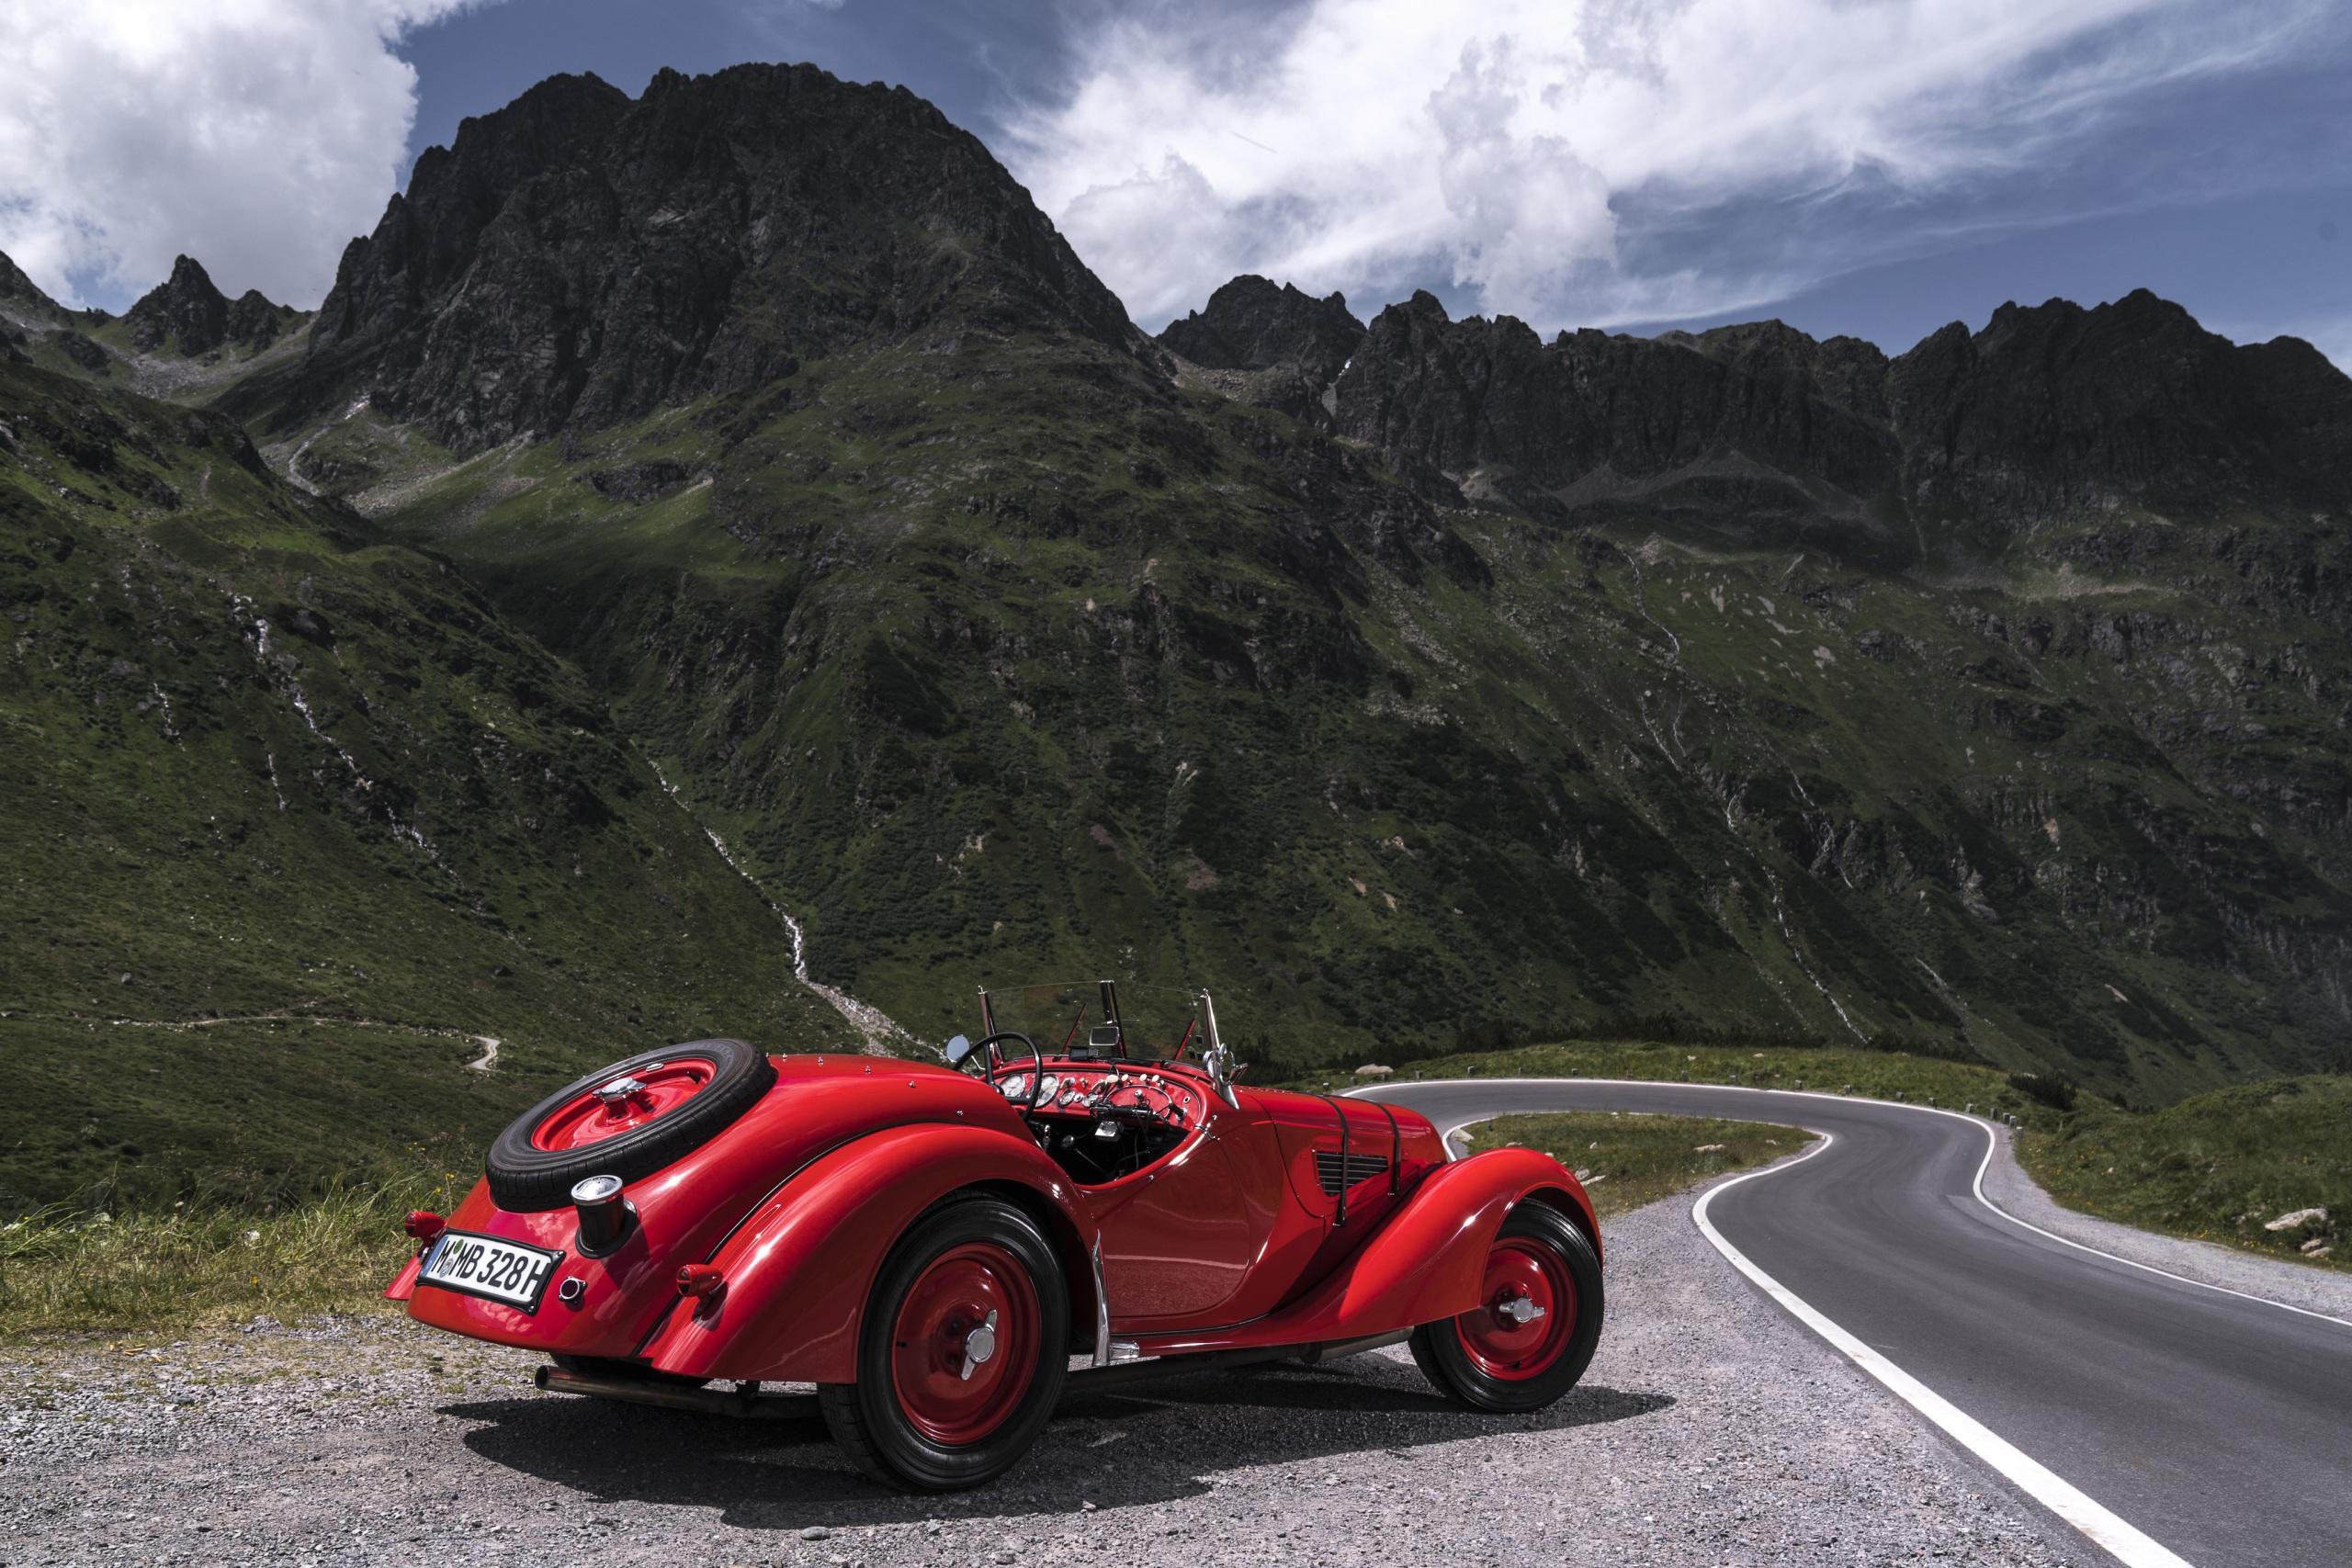 Фотографии БМВ 1936-40 328 Roadster Родстер Ретро красных машины Металлик 2560x1707 BMW Винтаж Красный красные красная старинные авто машина автомобиль Автомобили